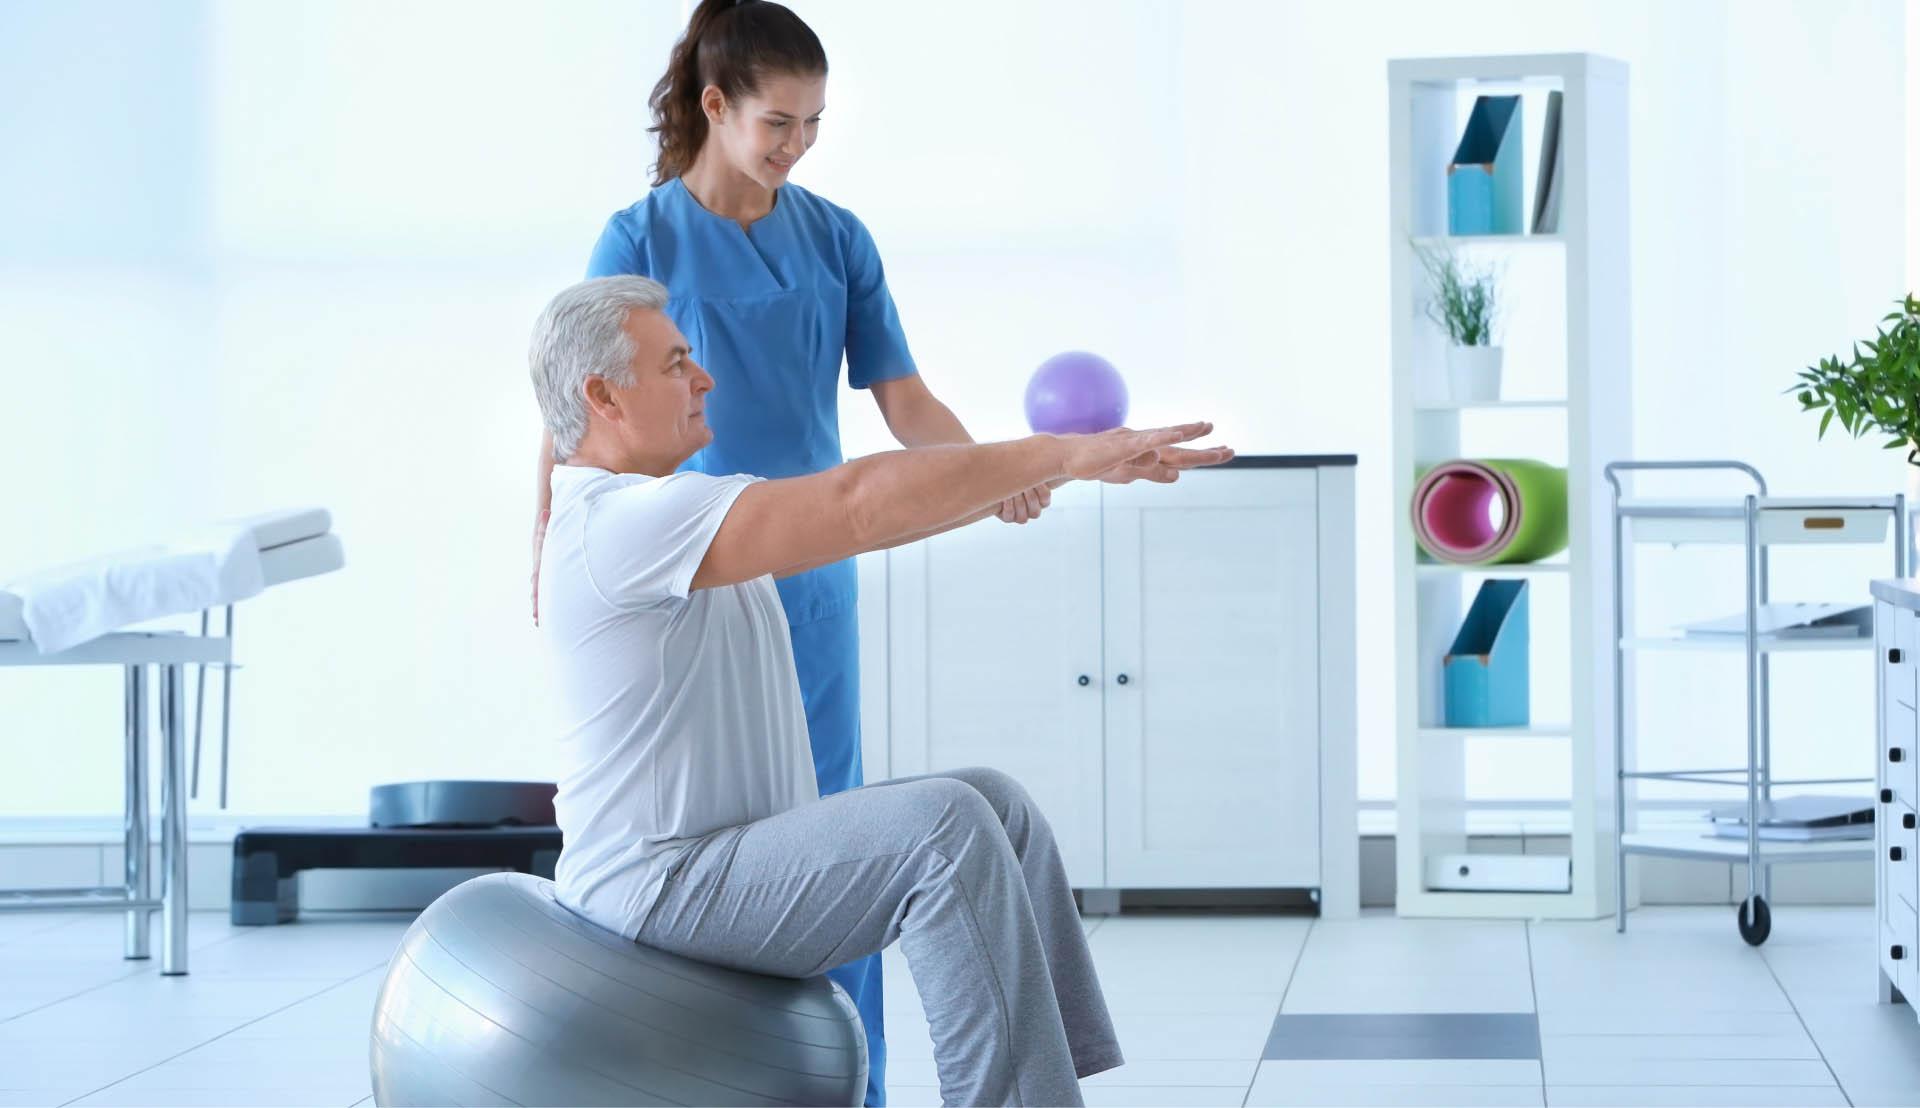 09_Fisioterapia Progetto salute Forlimpopoli Dipartimenti